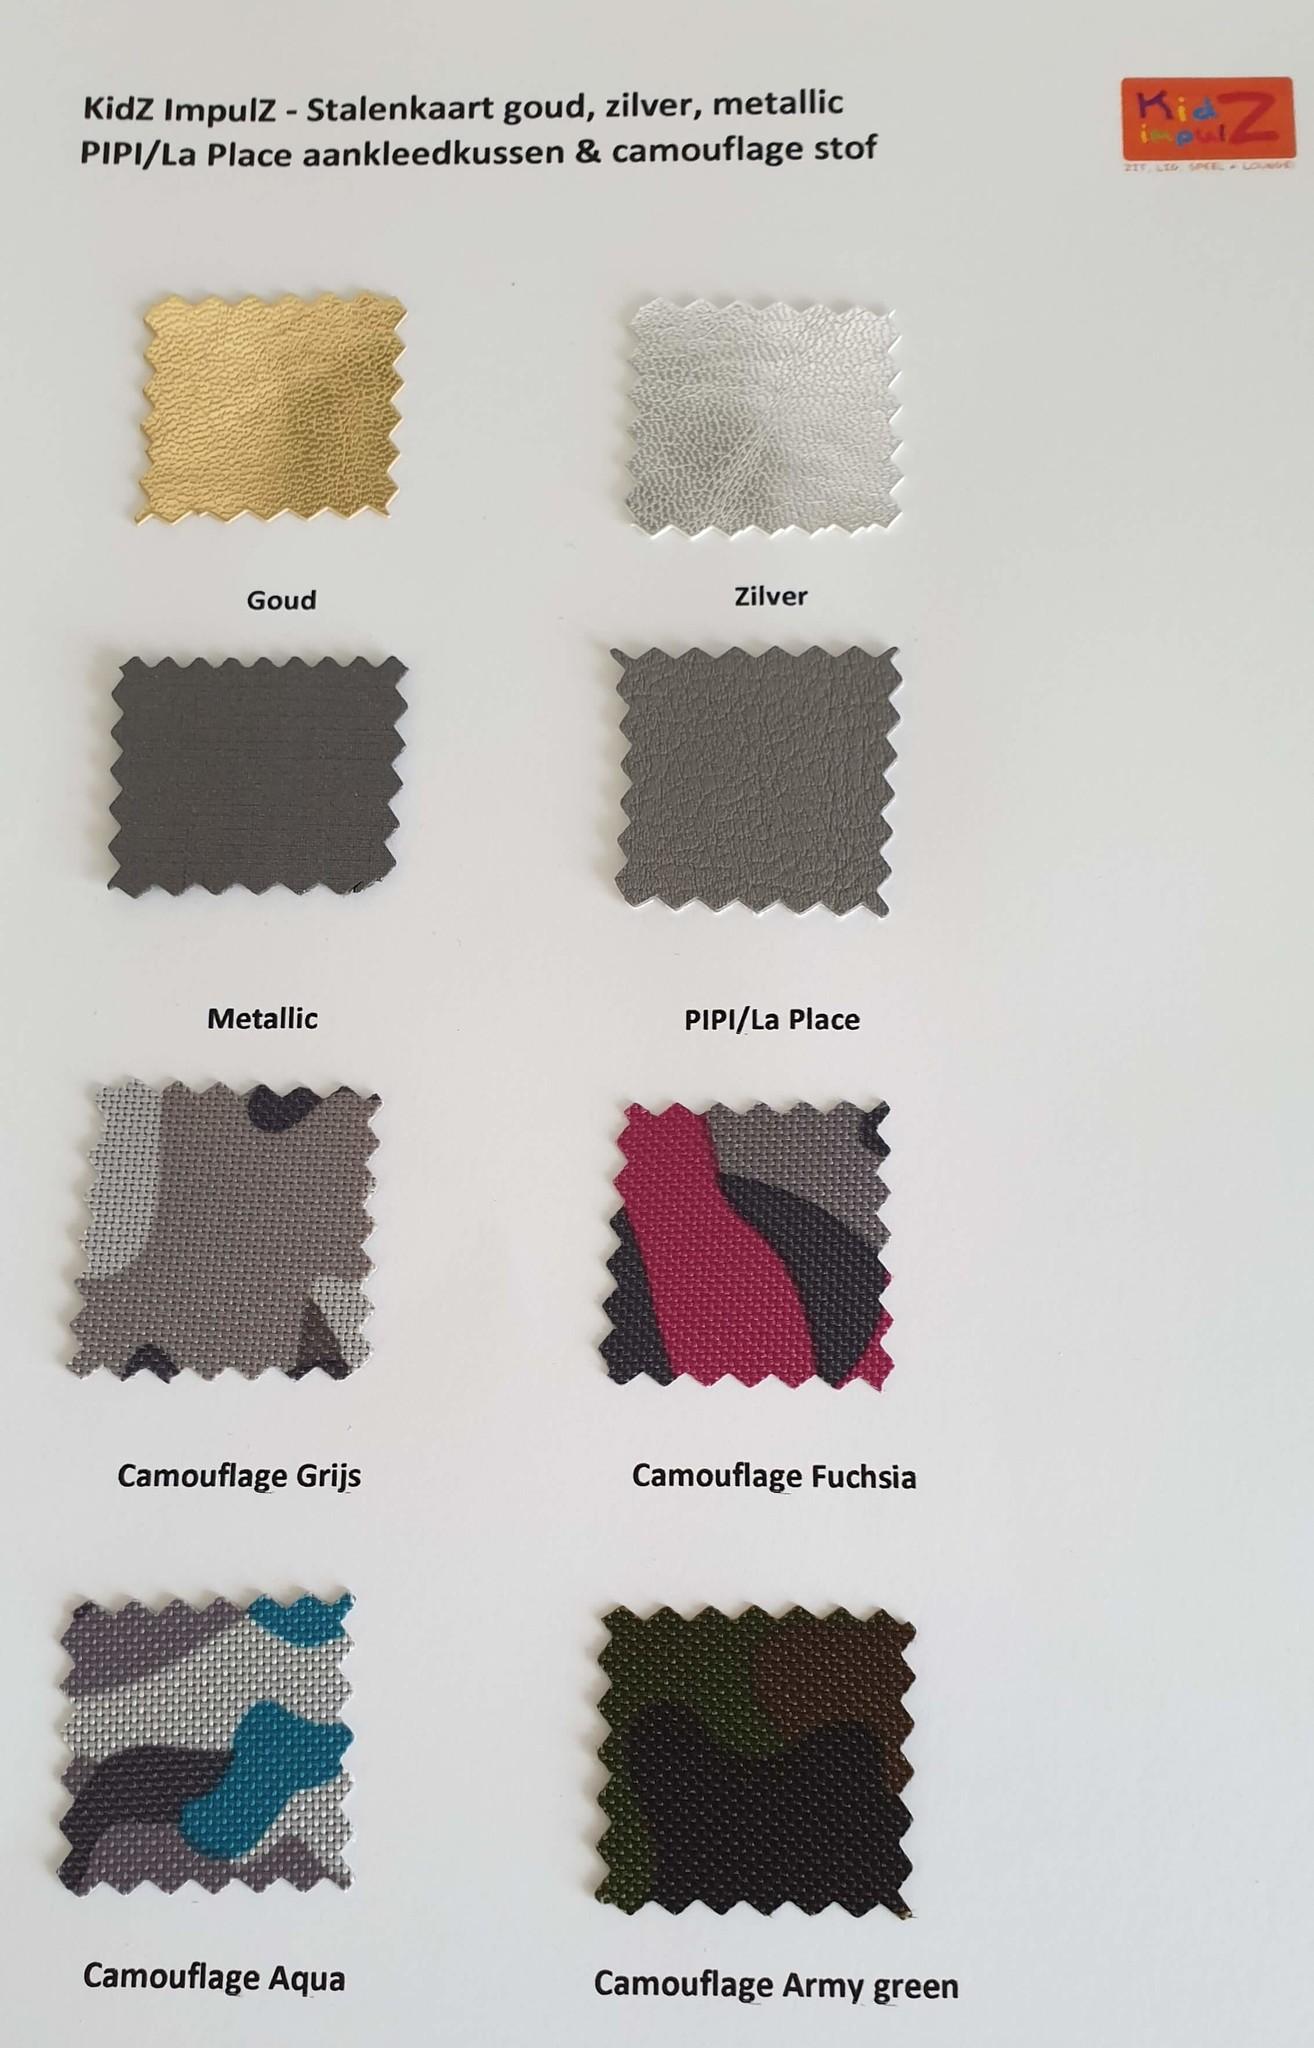 Kleurkaar goud, zilver, pipi camouflage KidZ ImpulZ